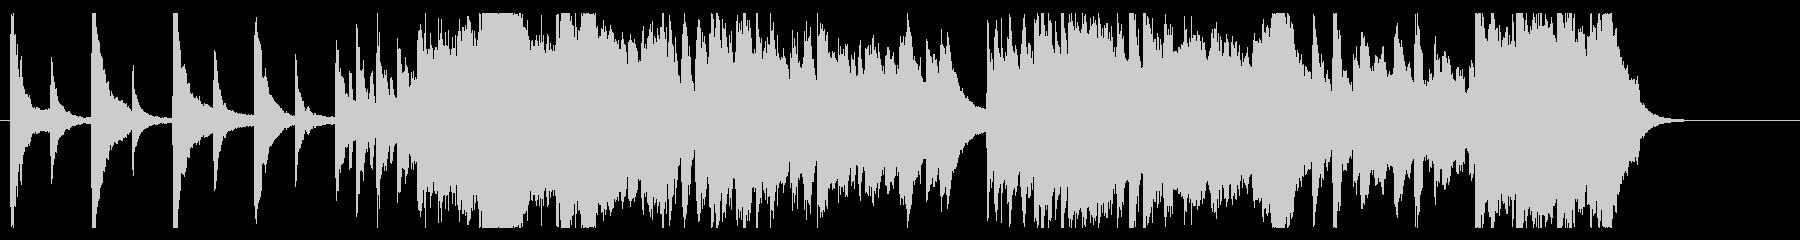 明け方をイメージした曲の未再生の波形